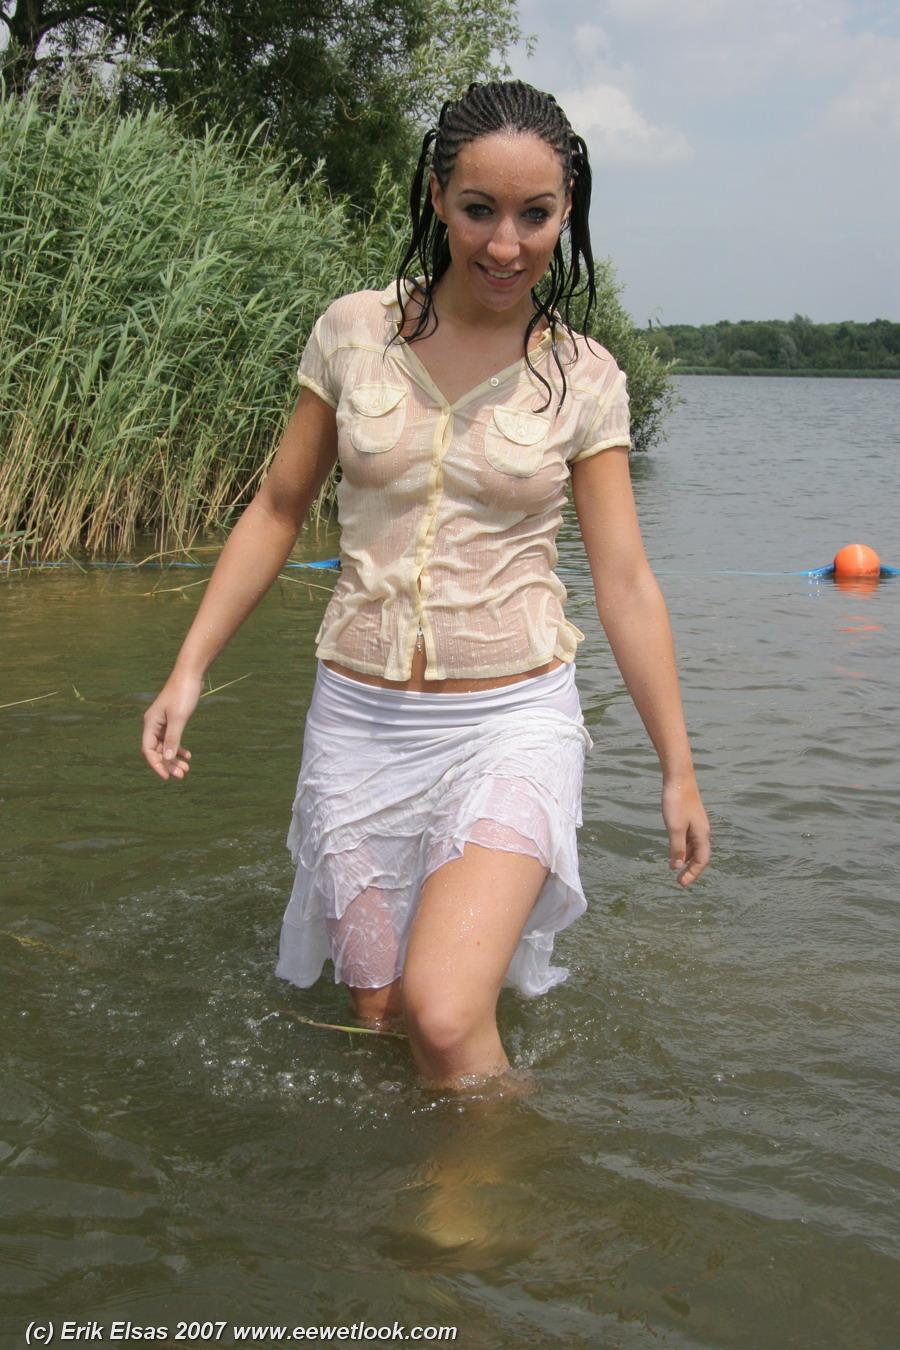 Соски торчащие через мокрое 2 фотография